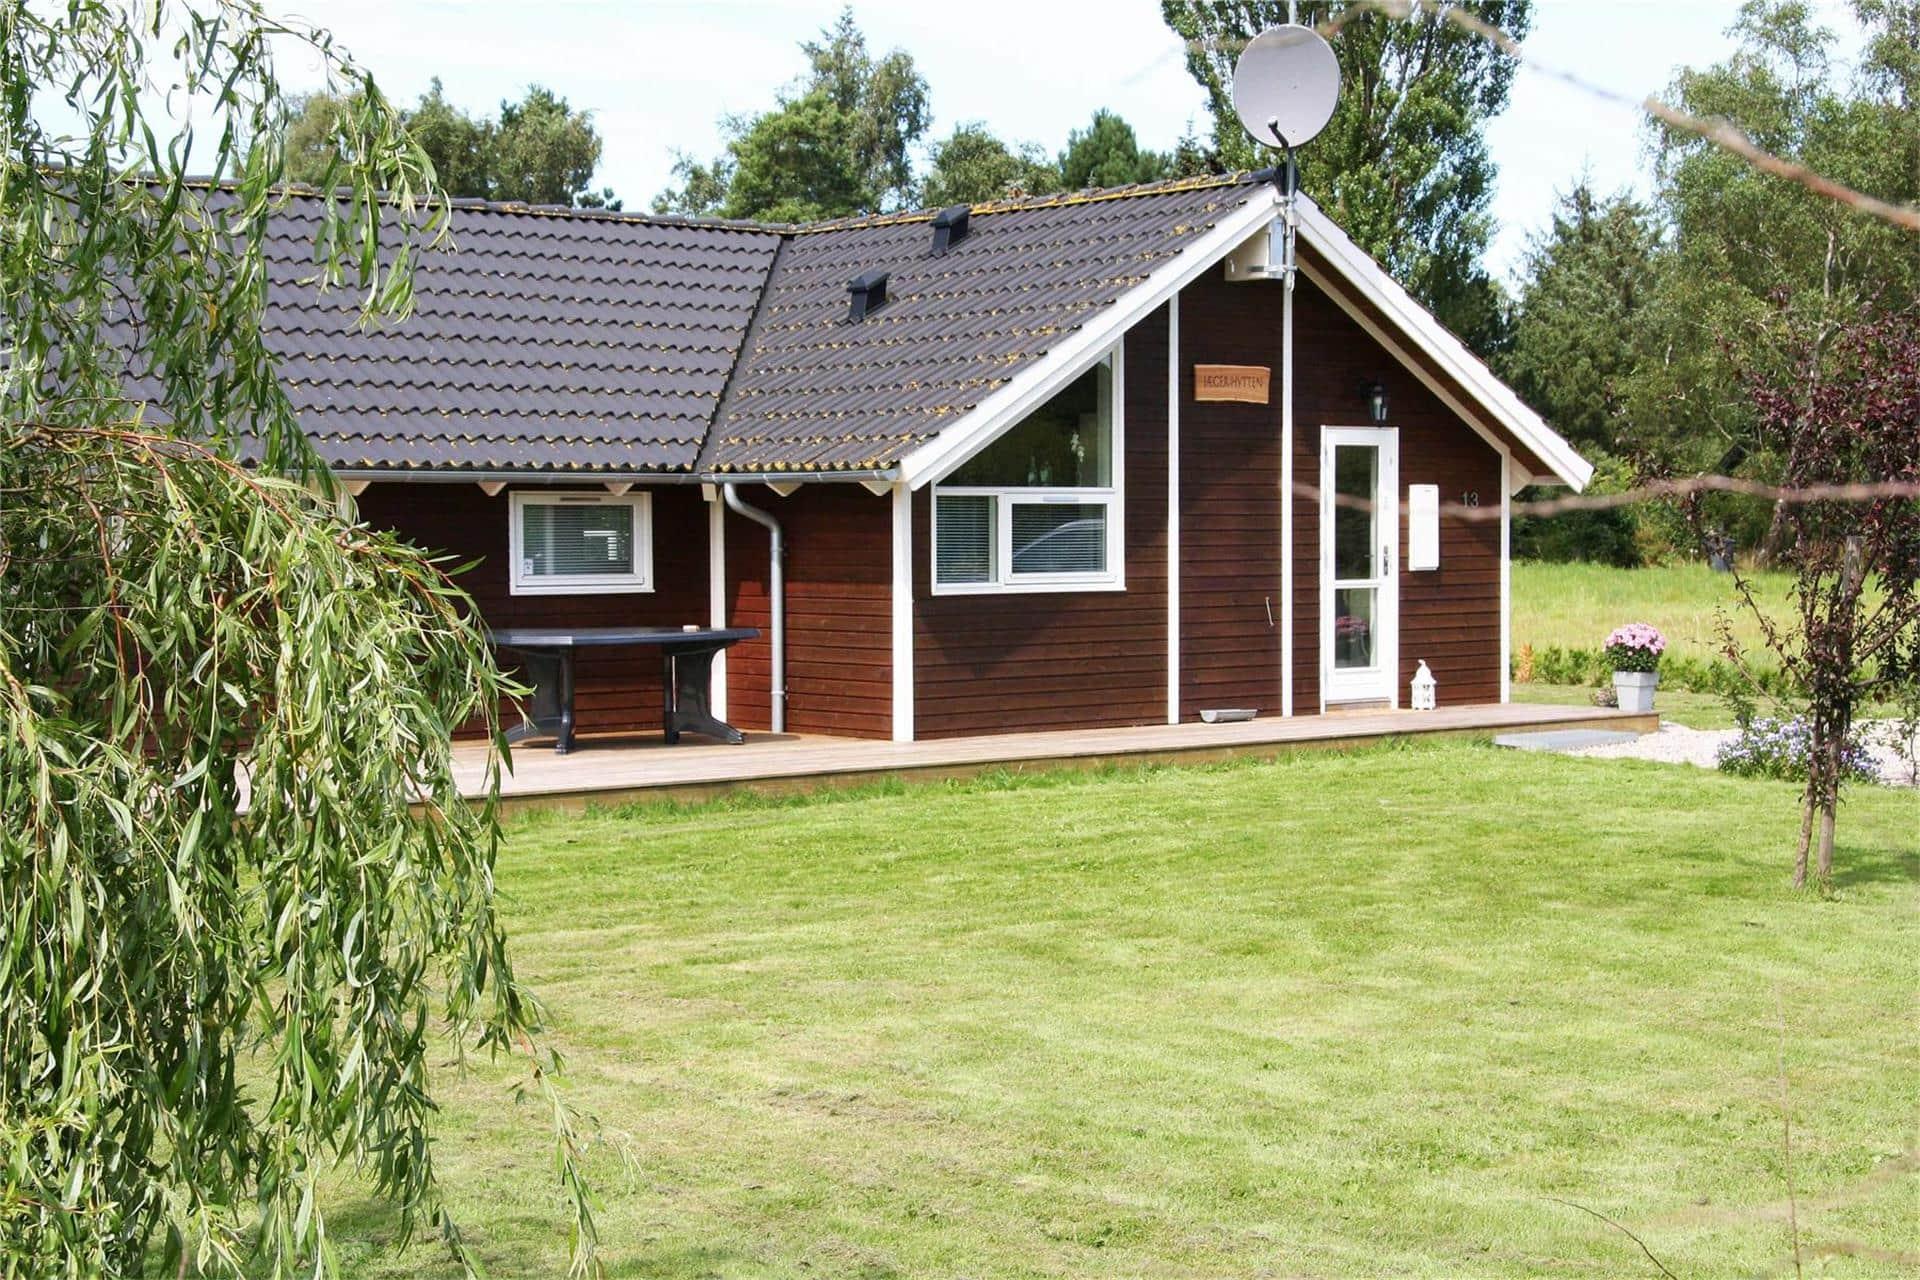 Image 1-15 Holiday-home 1319, Bøndernes Vej 13, DK - 4780 Stege